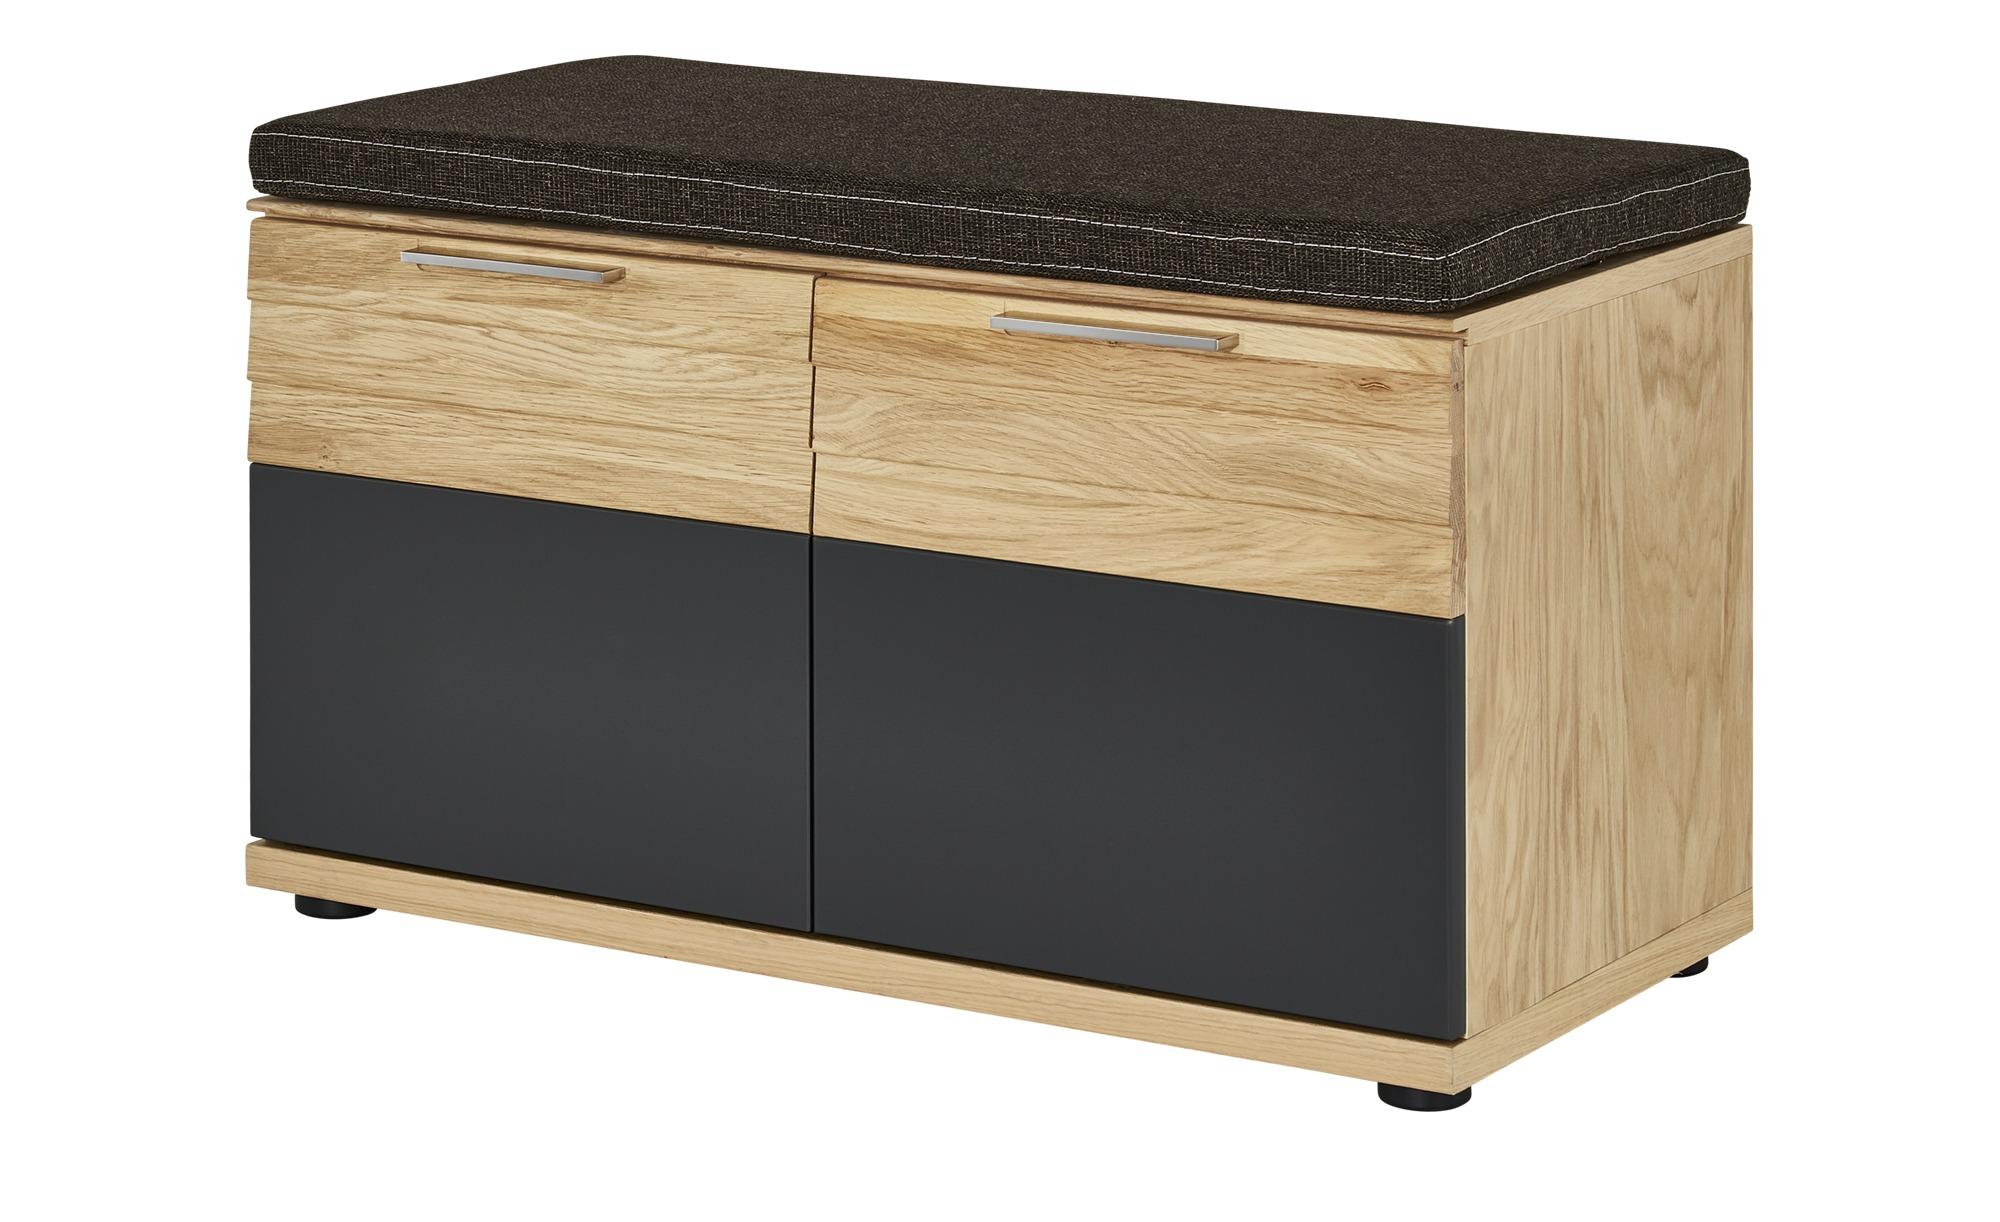 Garderobenbank - holzfarben - 85 cm - 45 cm - 40 cm - Bänke > Einzelbänke - Möbel Kraft | Flur & Diele > Garderoben > Garderobenbänke | Möbel Kraft